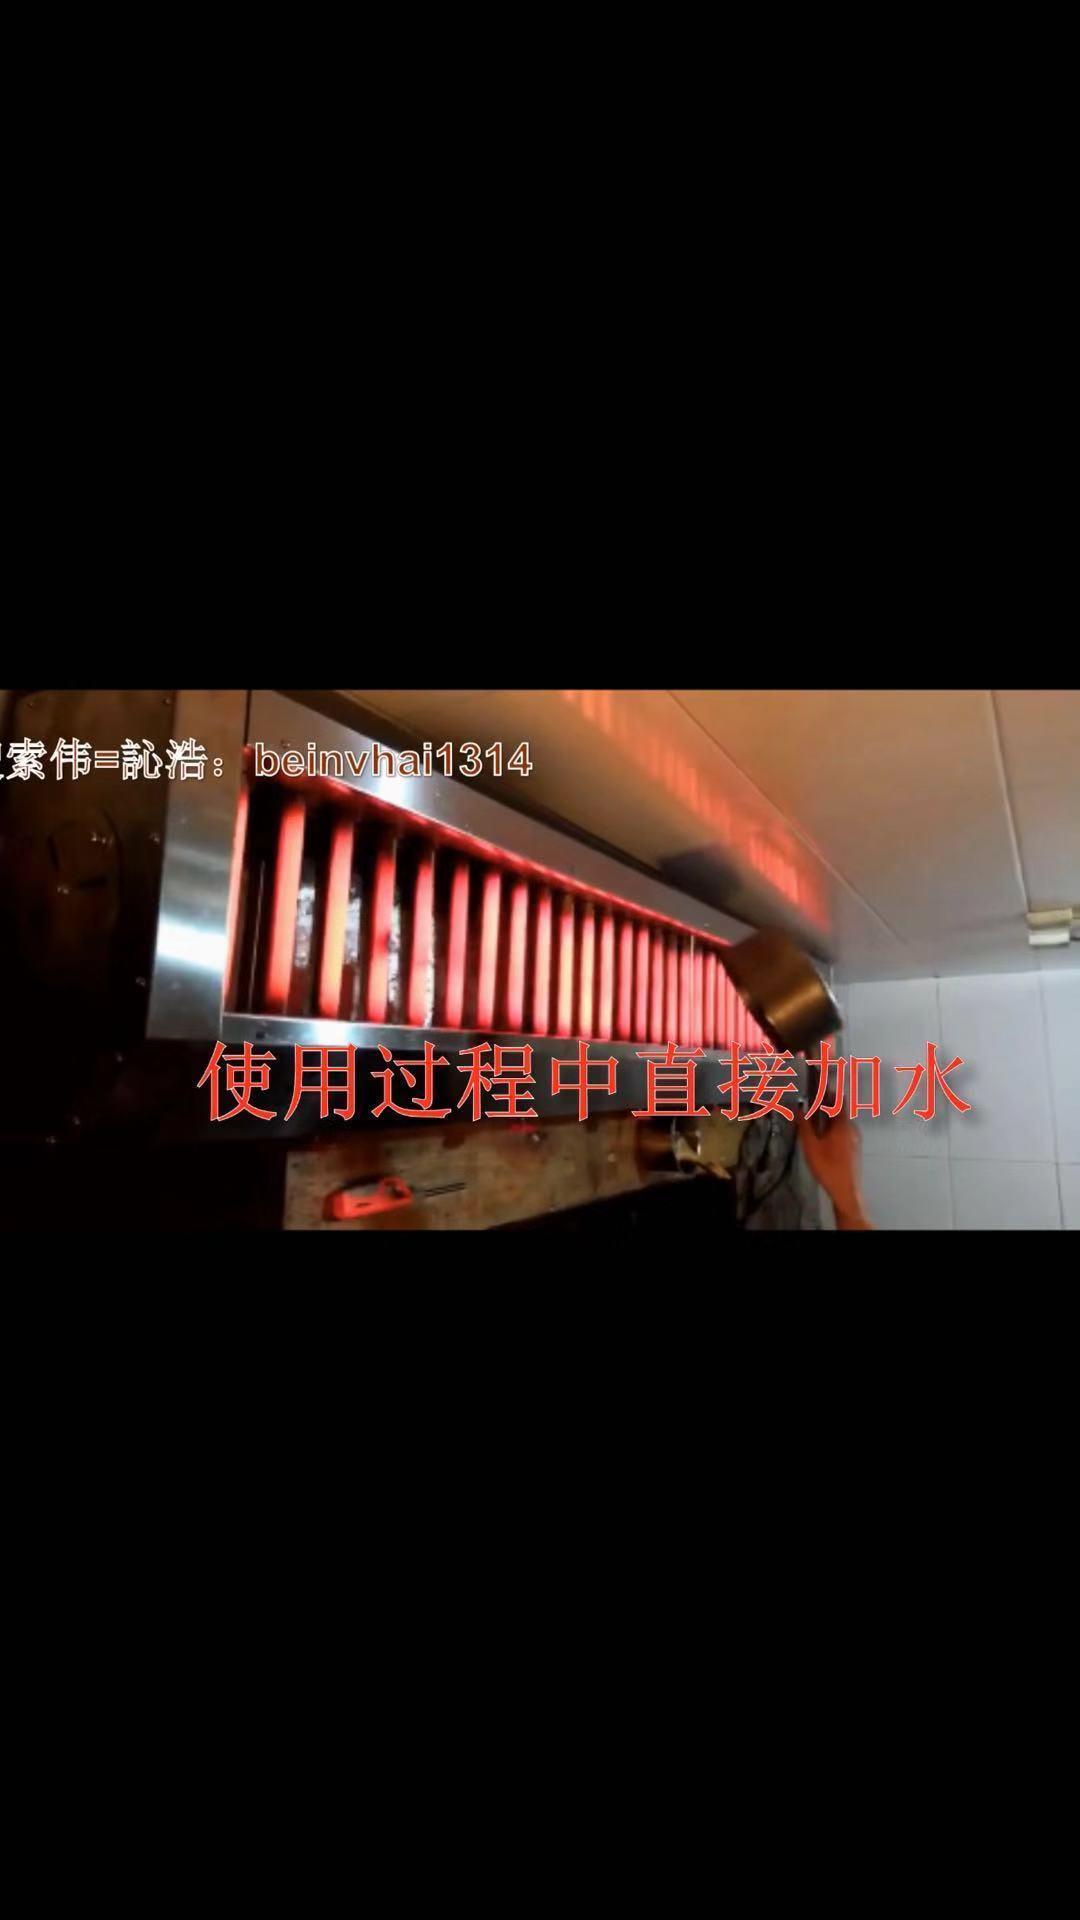 无烟燃气烤炉商用中间管子液化气烤炉 北京瑞铃达无烟烧烤炉 (14播放)